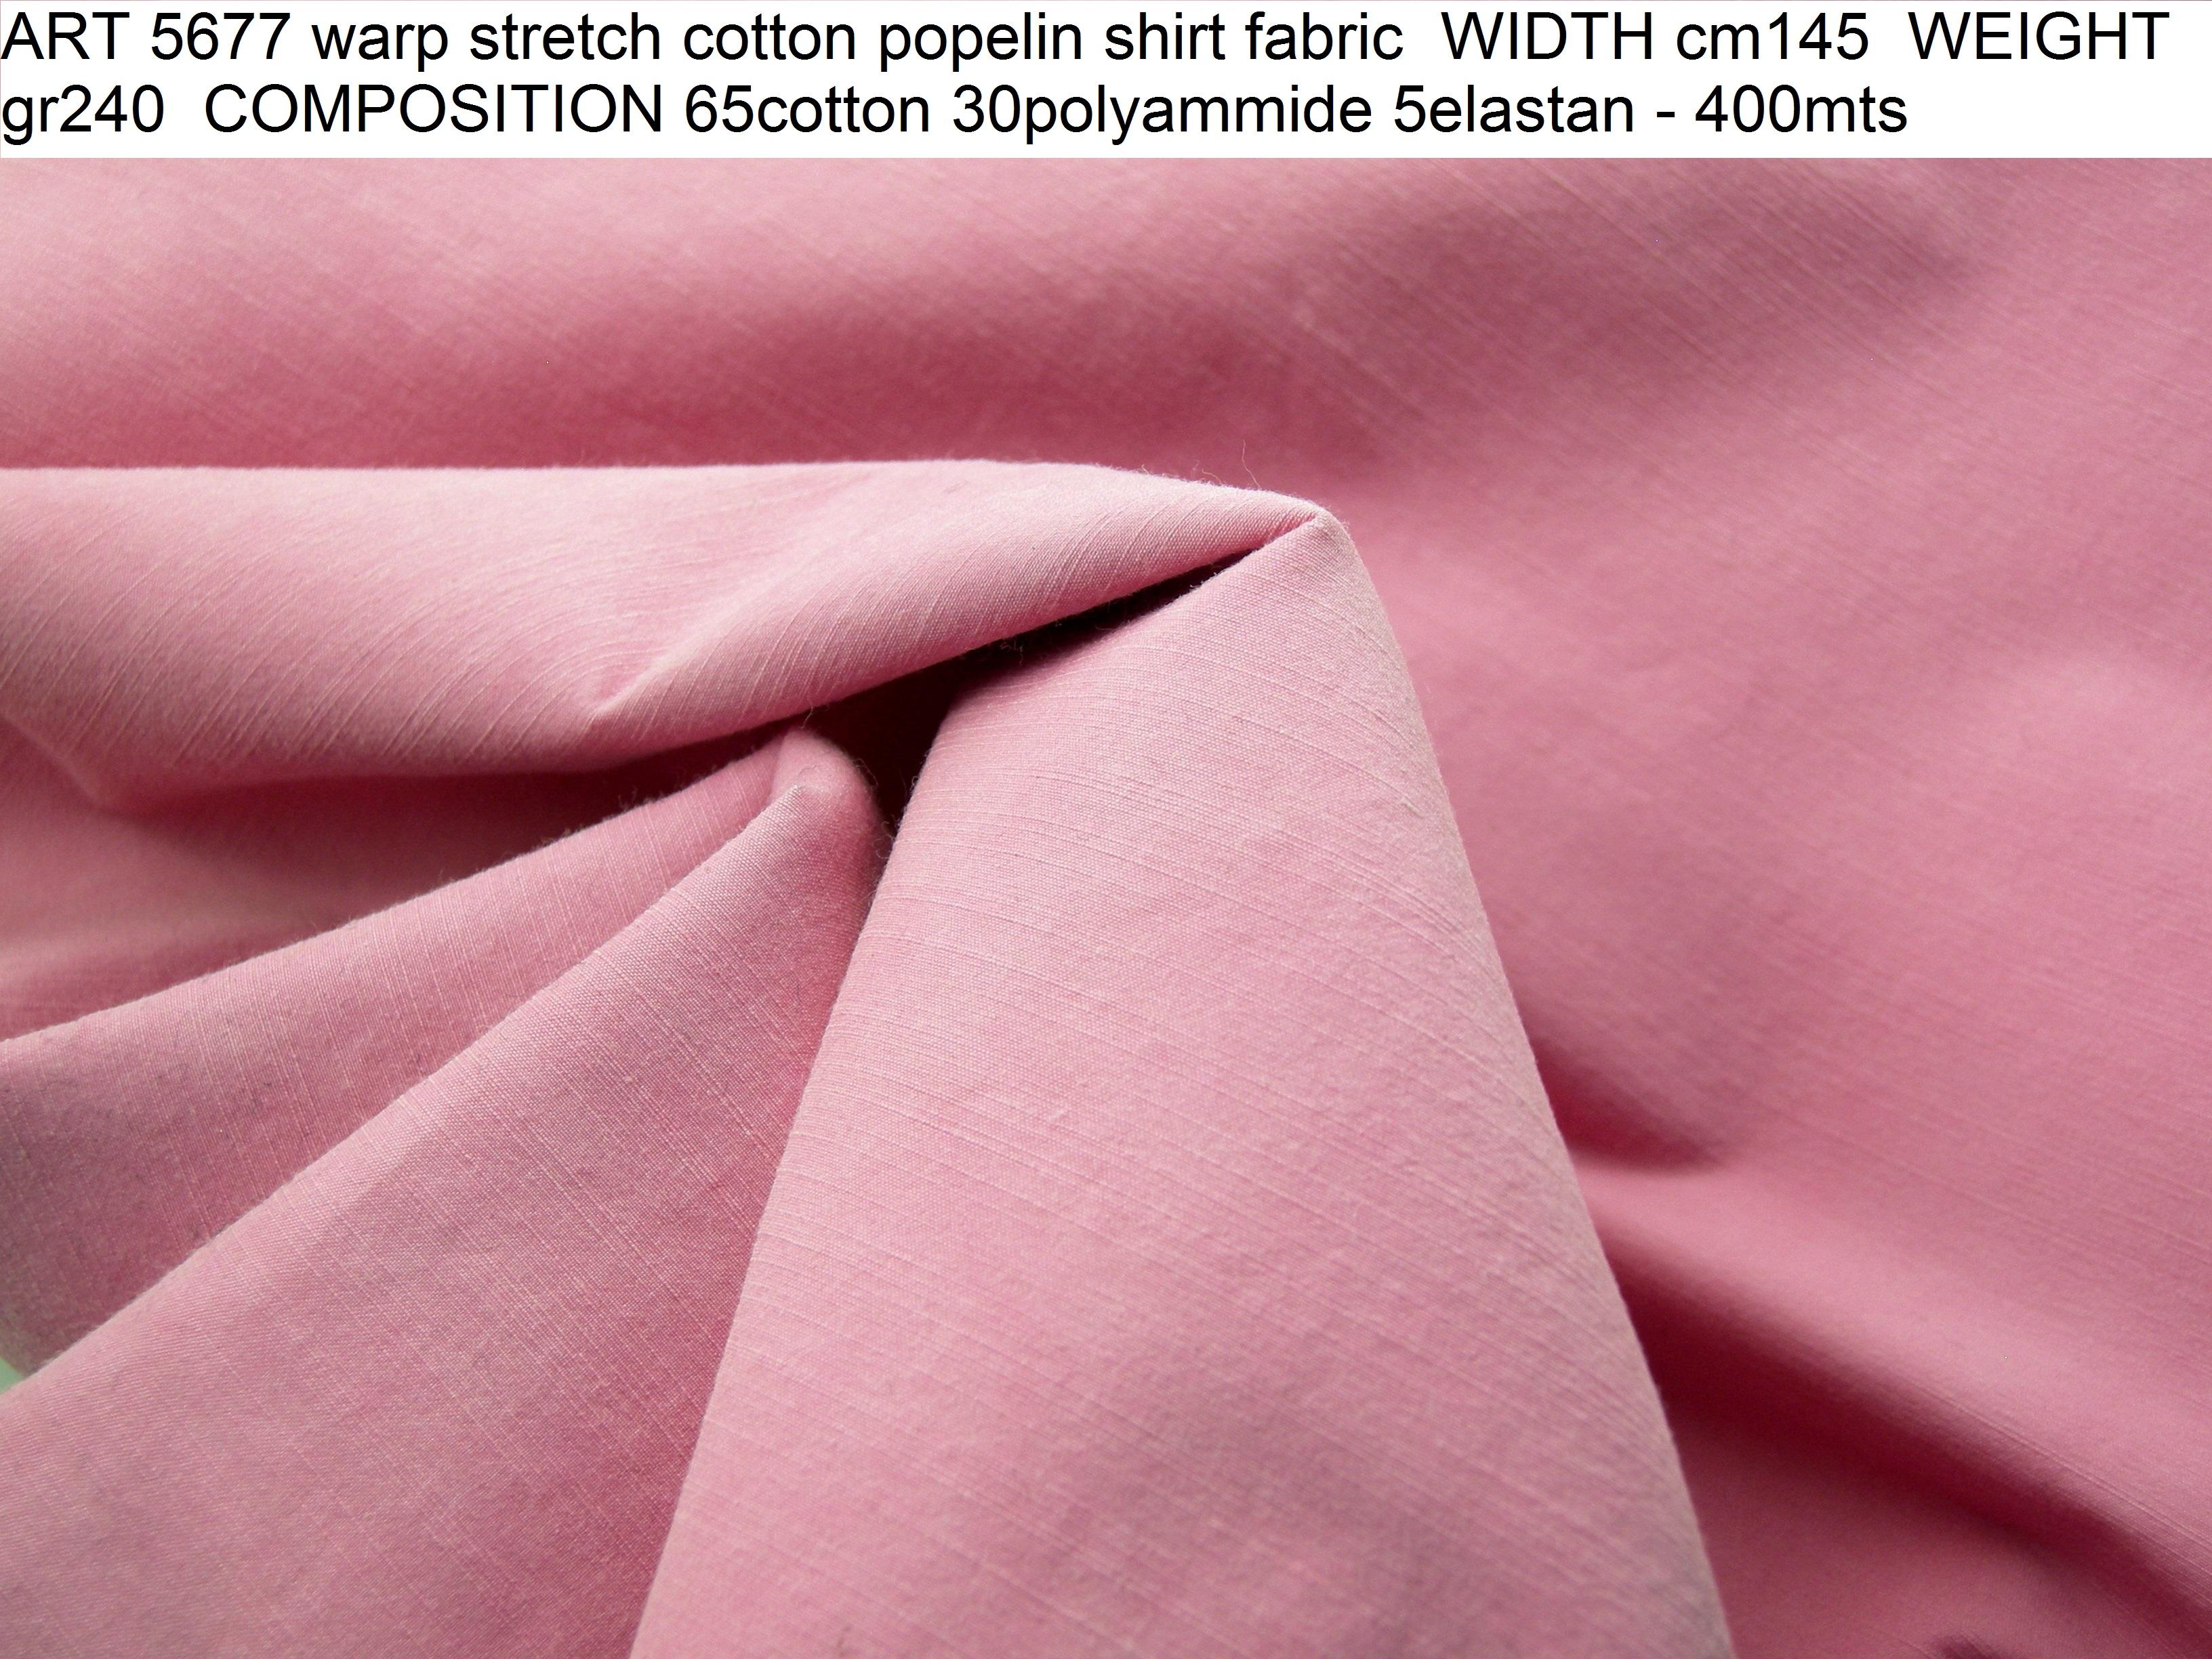 ART 5677 warp stretch cotton popelin shirt fabric WIDTH cm145 WEIGHT gr240 COMPOSITION 65cotton 30polyammide 5elastan - 400mts